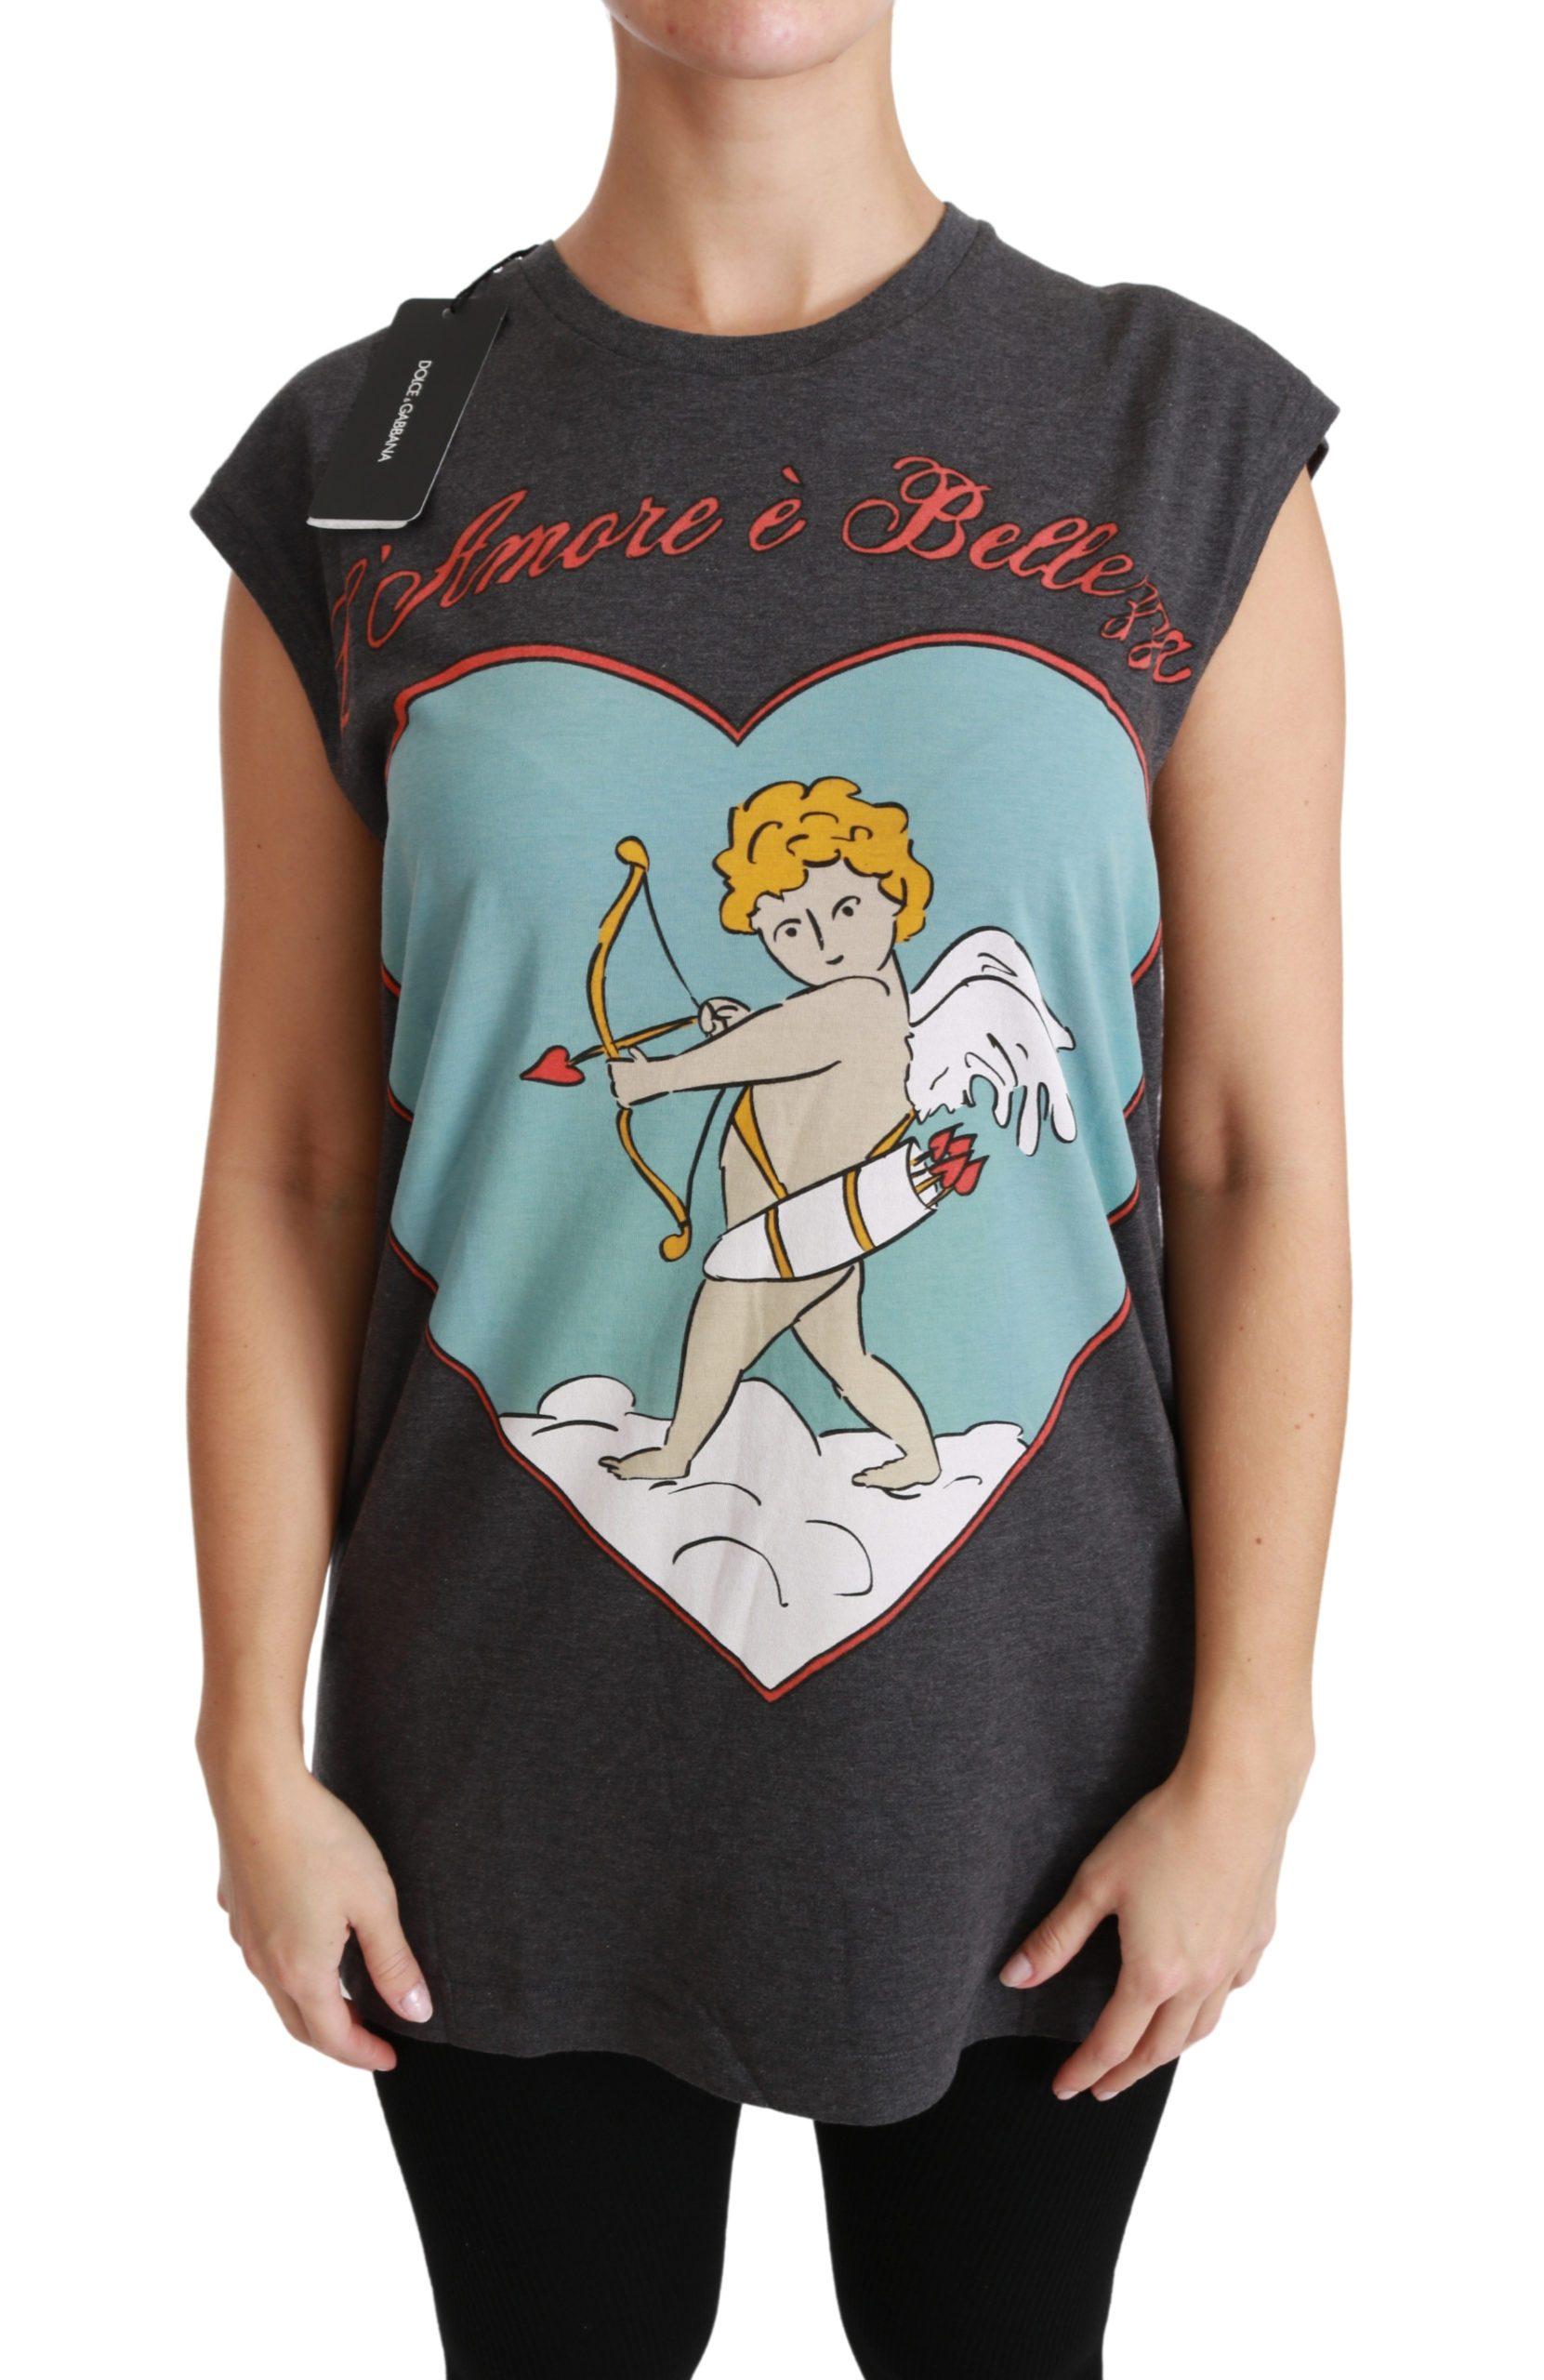 Dolce & Gabbana Women's L'Amore E'Bellezza Top Gray TSH4423 - IT36   XS